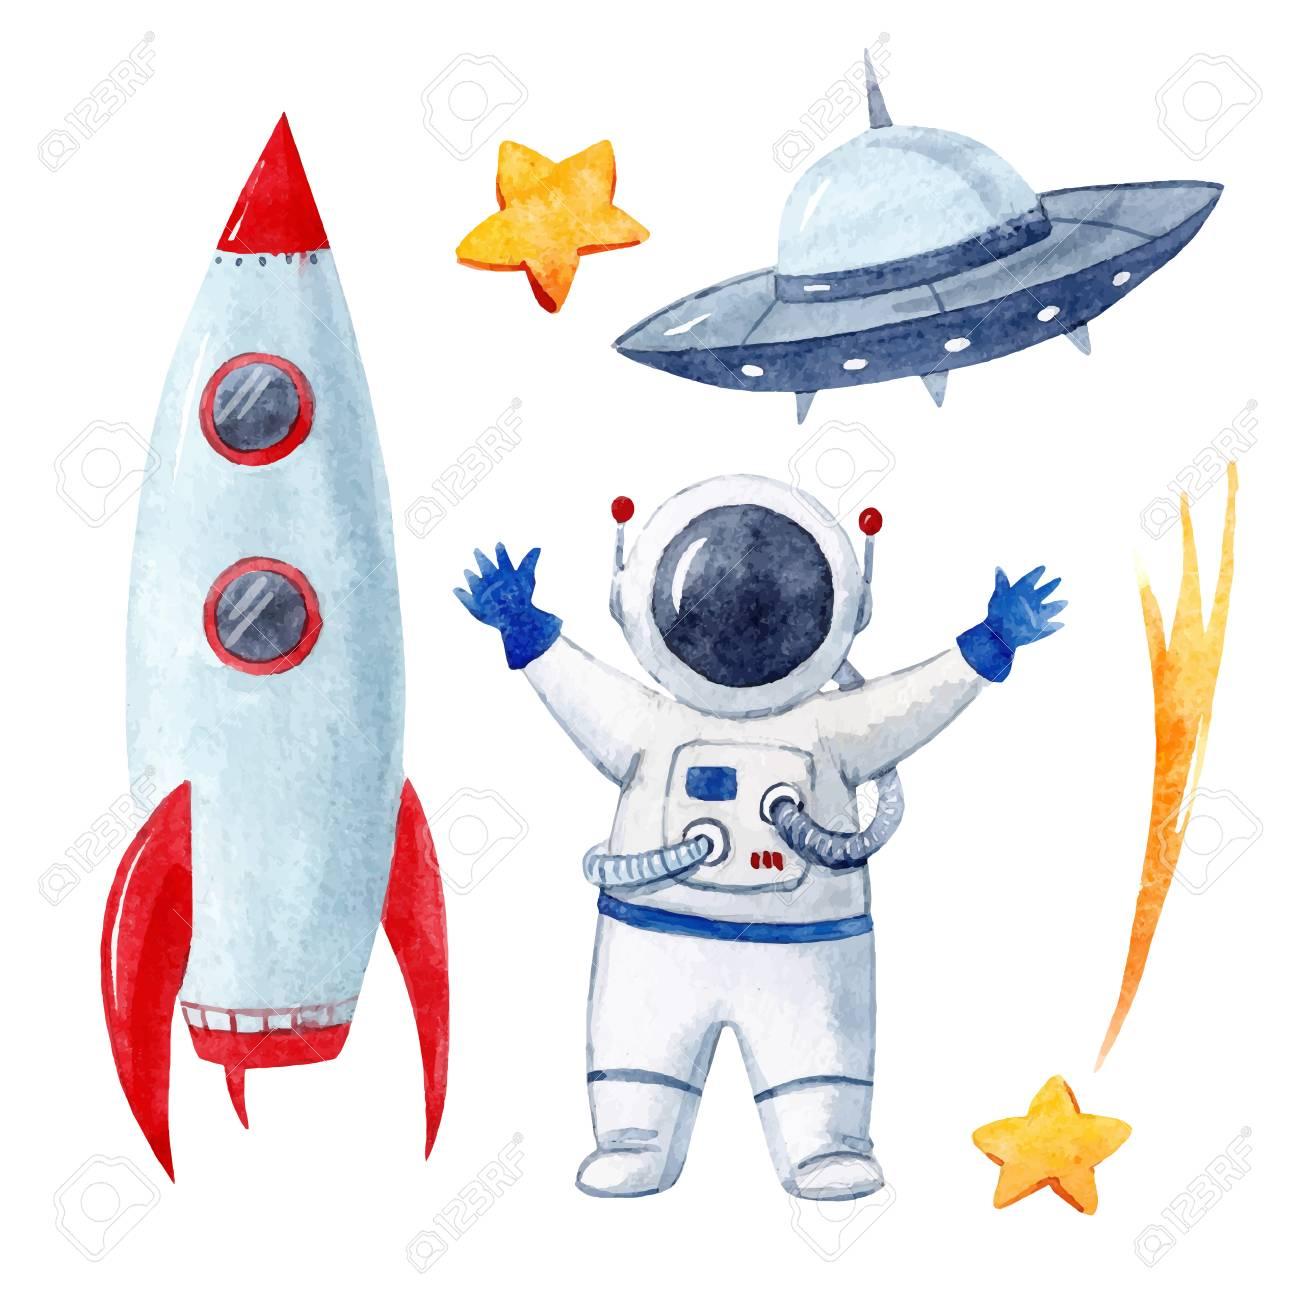 Watercolor baby space vector set - 96127358